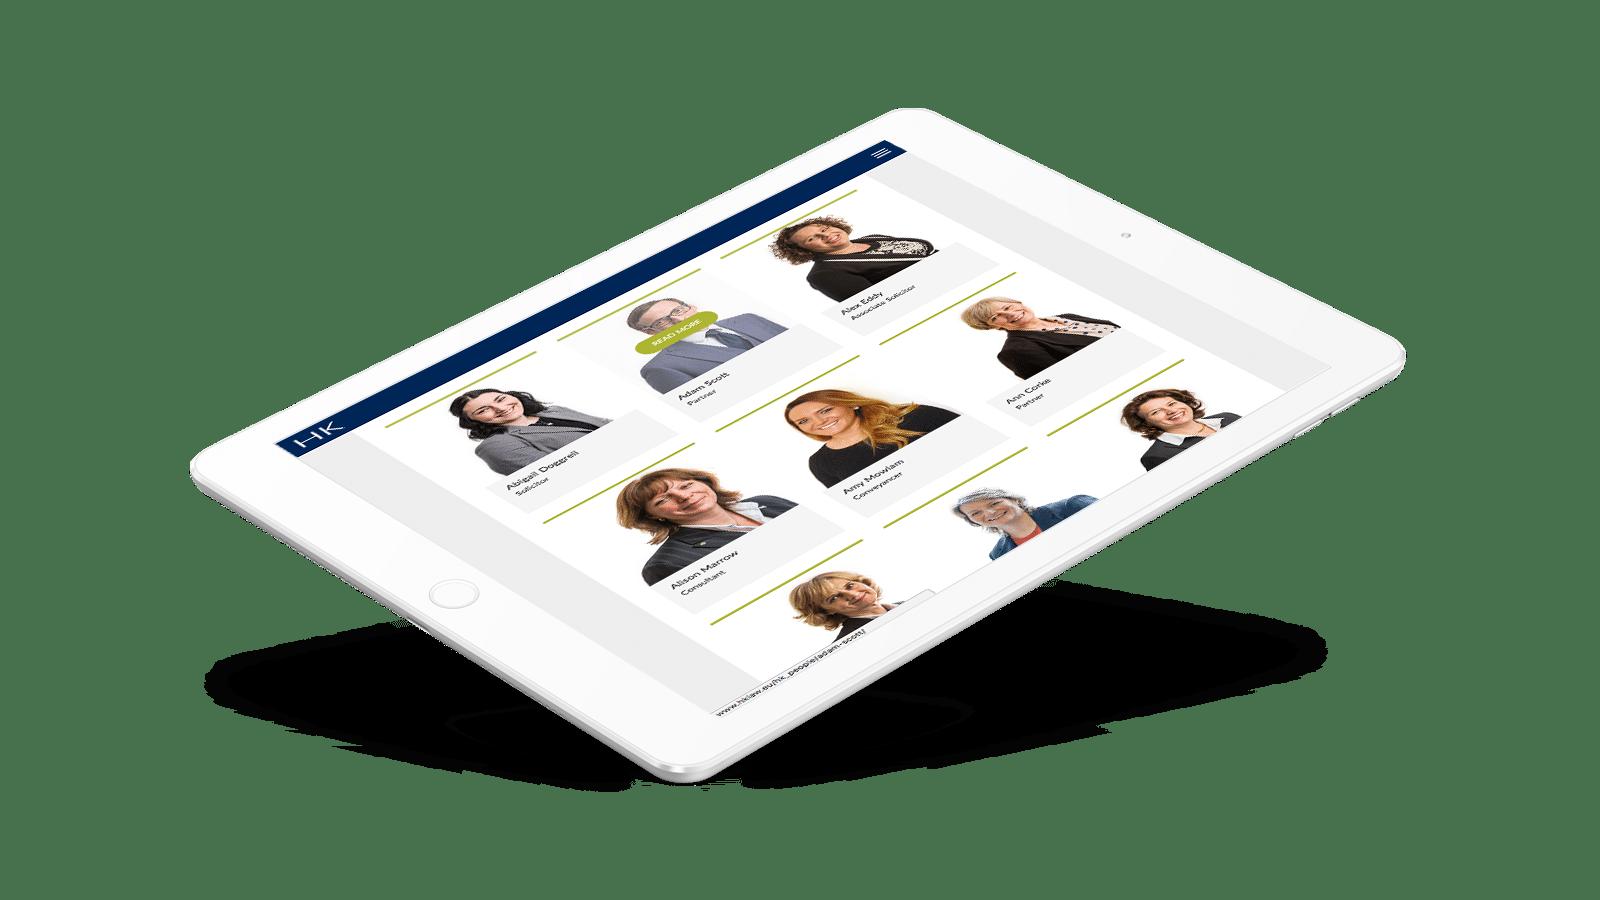 Humphries Kirk Tablet responsive